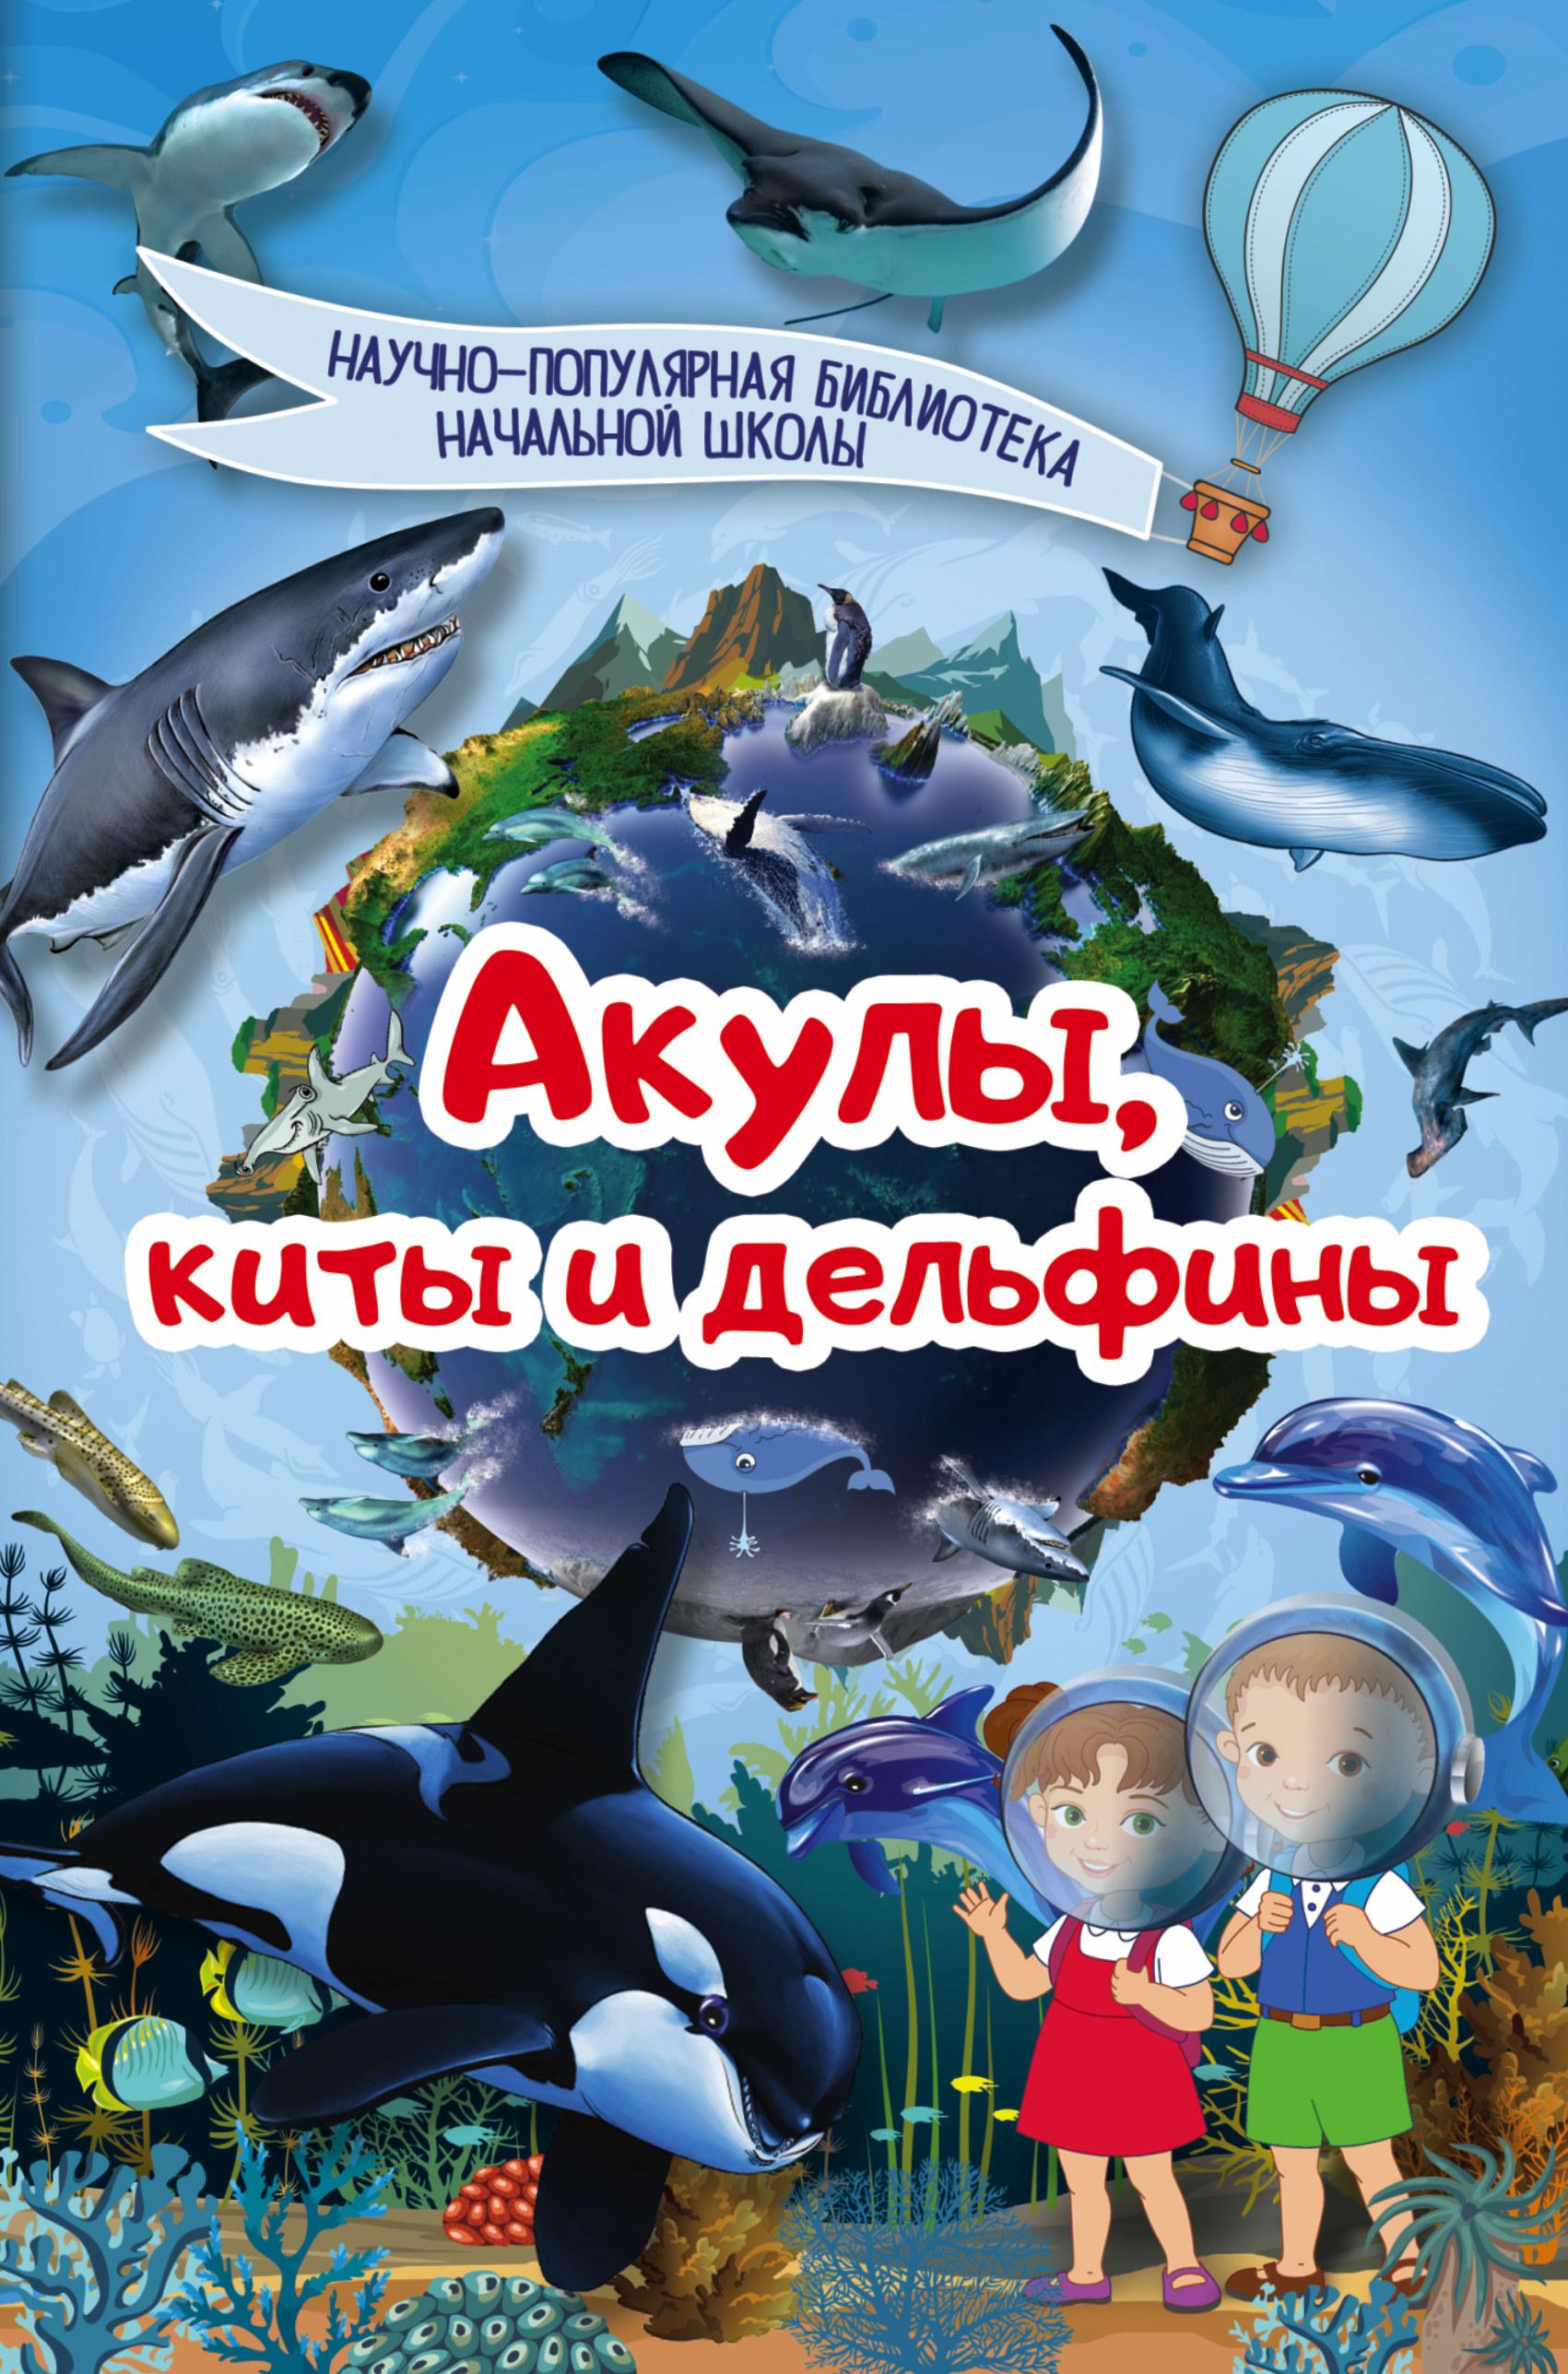 . Акулы, киты, дельфины акулы киты дельфины